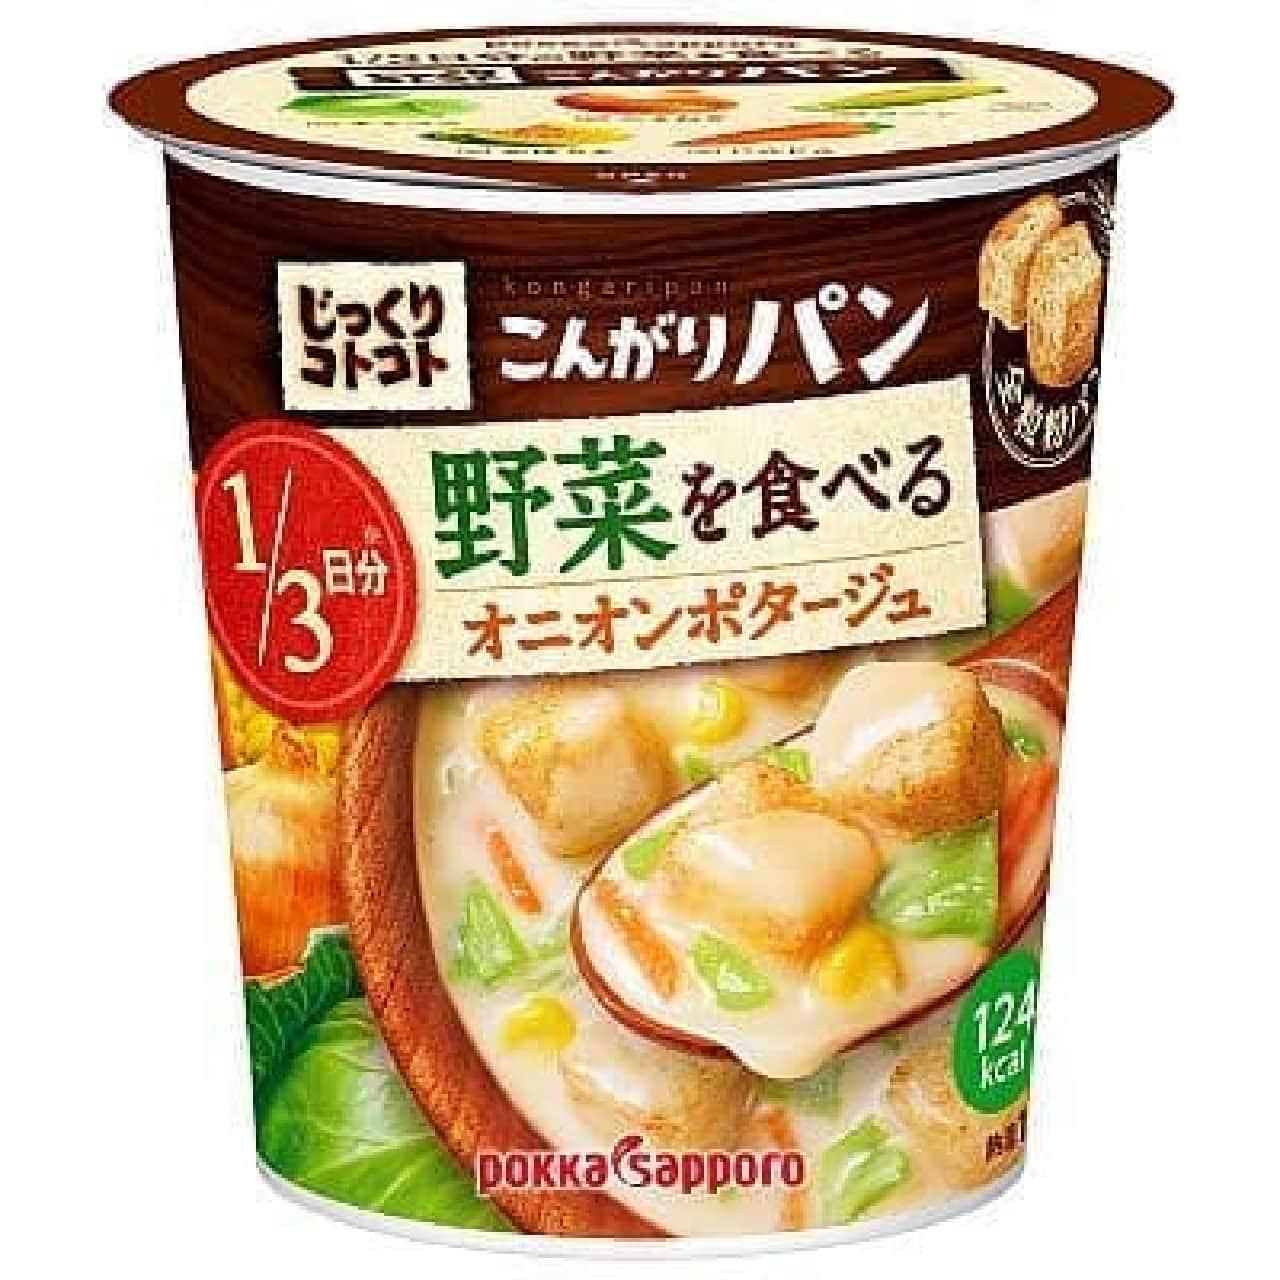 じっくりコトコト こんがりパン 1/3日分の野菜を食べるオニオンポタージュ